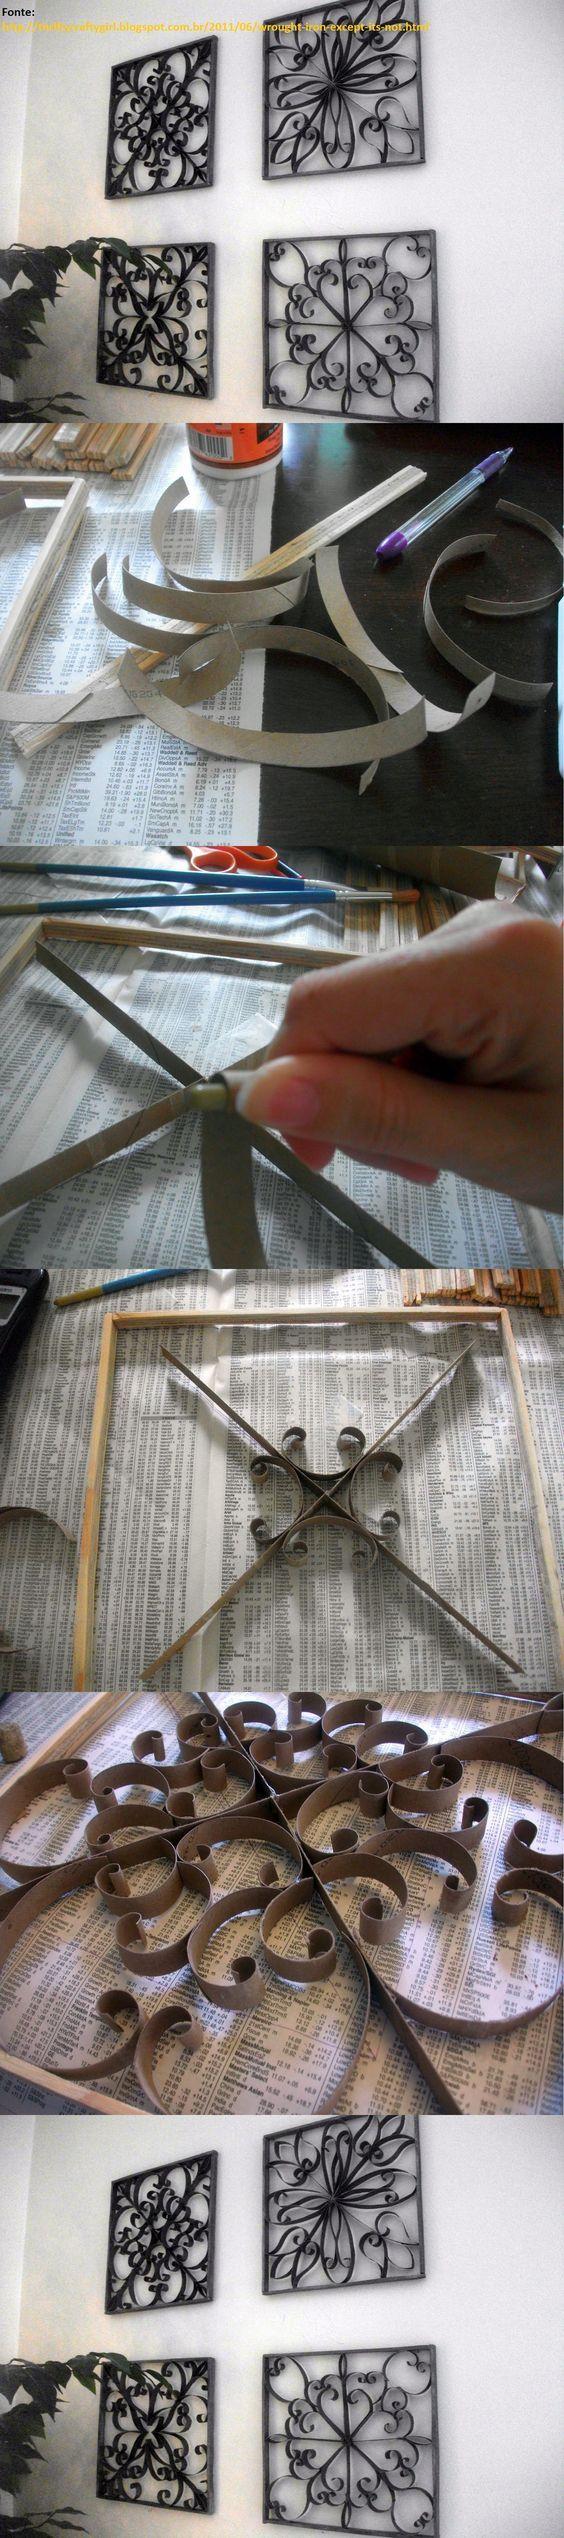 mamie de 9 bouts de choux j aime la création les cartes tableaux la broderie et le pergamano